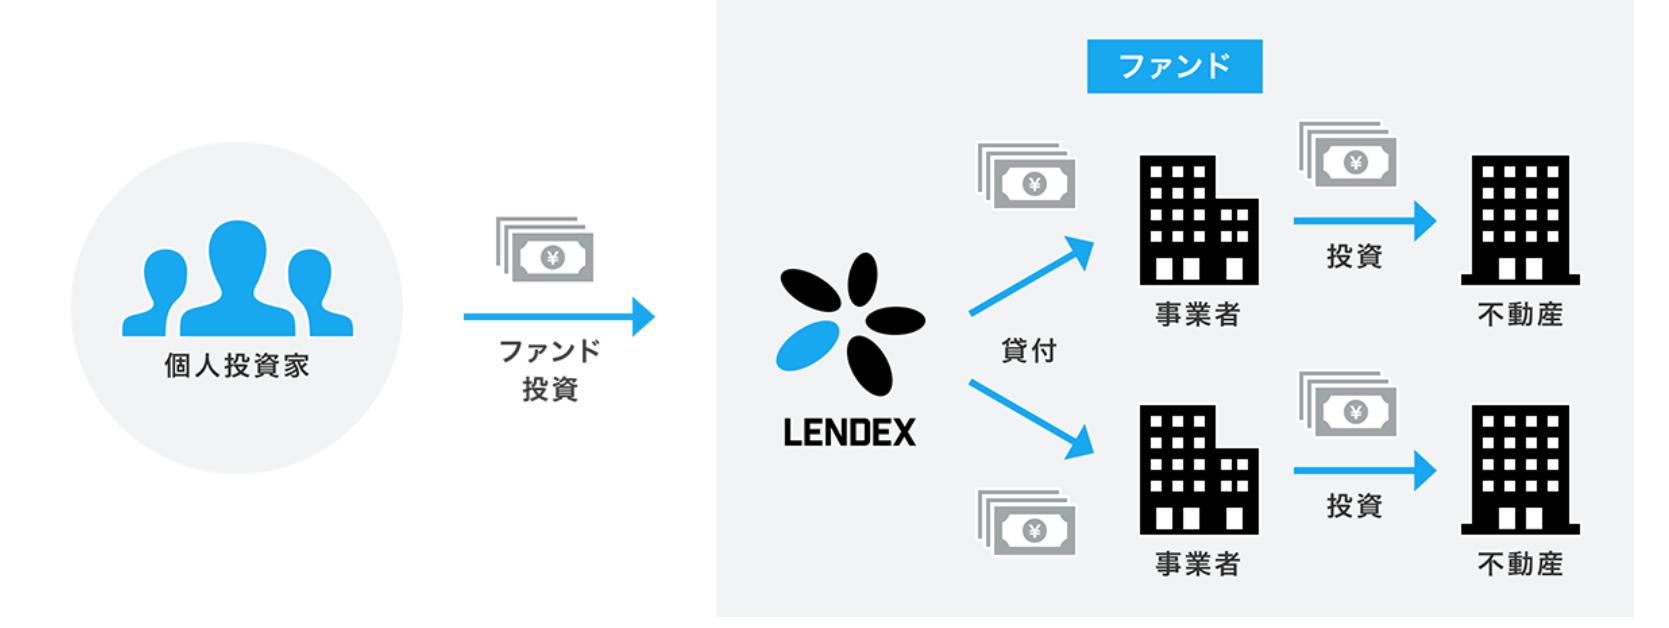 LENDEX(レンデックス)2